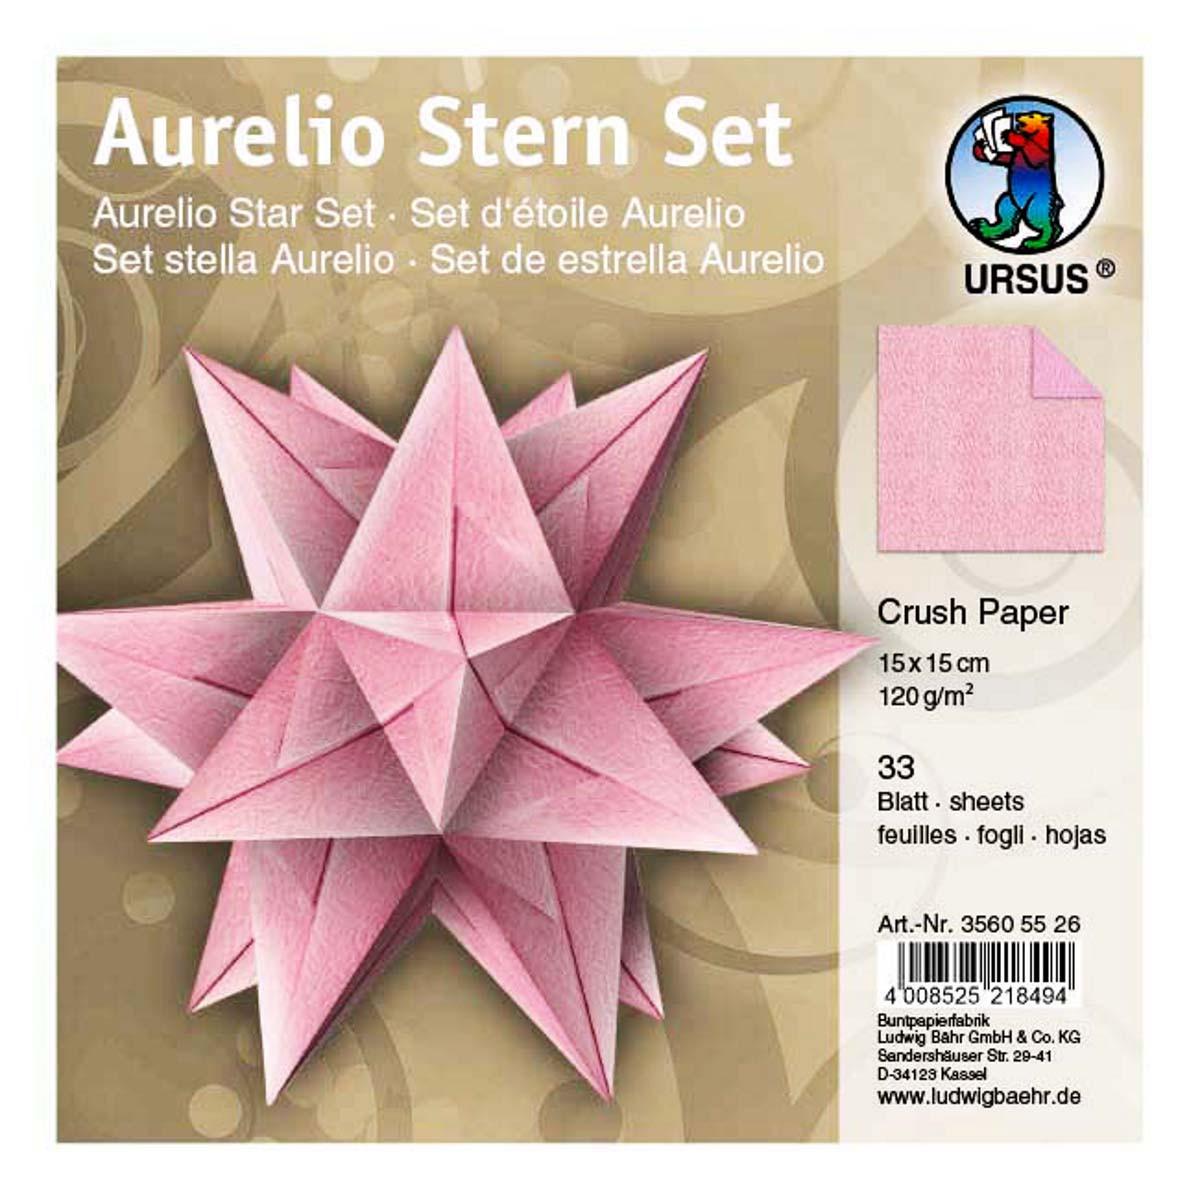 Faltblätter Aurelio Stern Crush Paper Rosa 15 X 15 Cm Buntpapierwelt